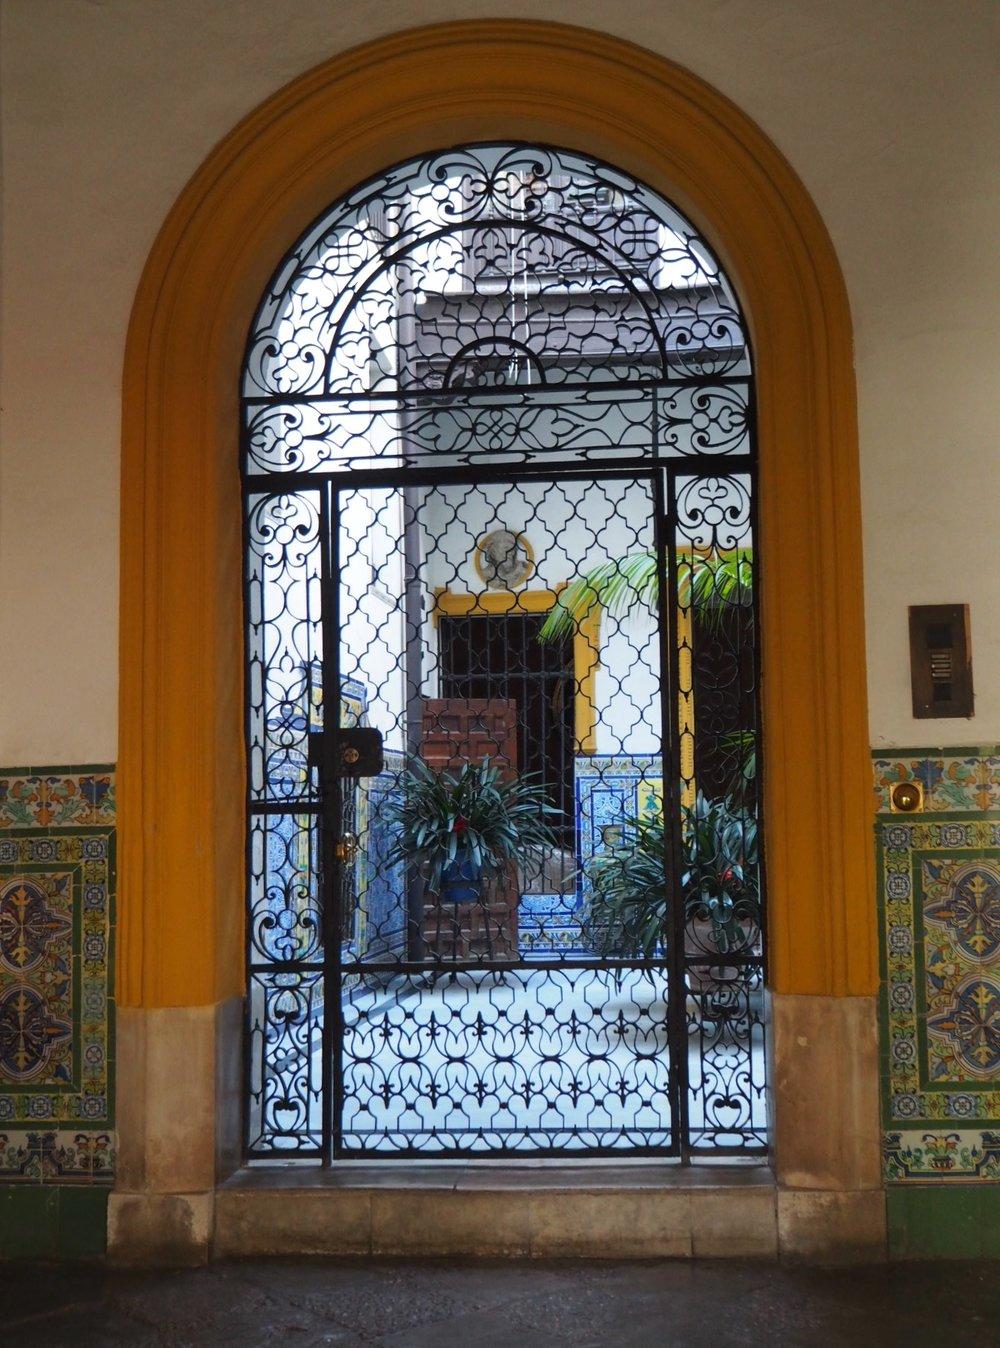 A Marrakech riad or sevillan courtyard? the tiles give it away as spain.